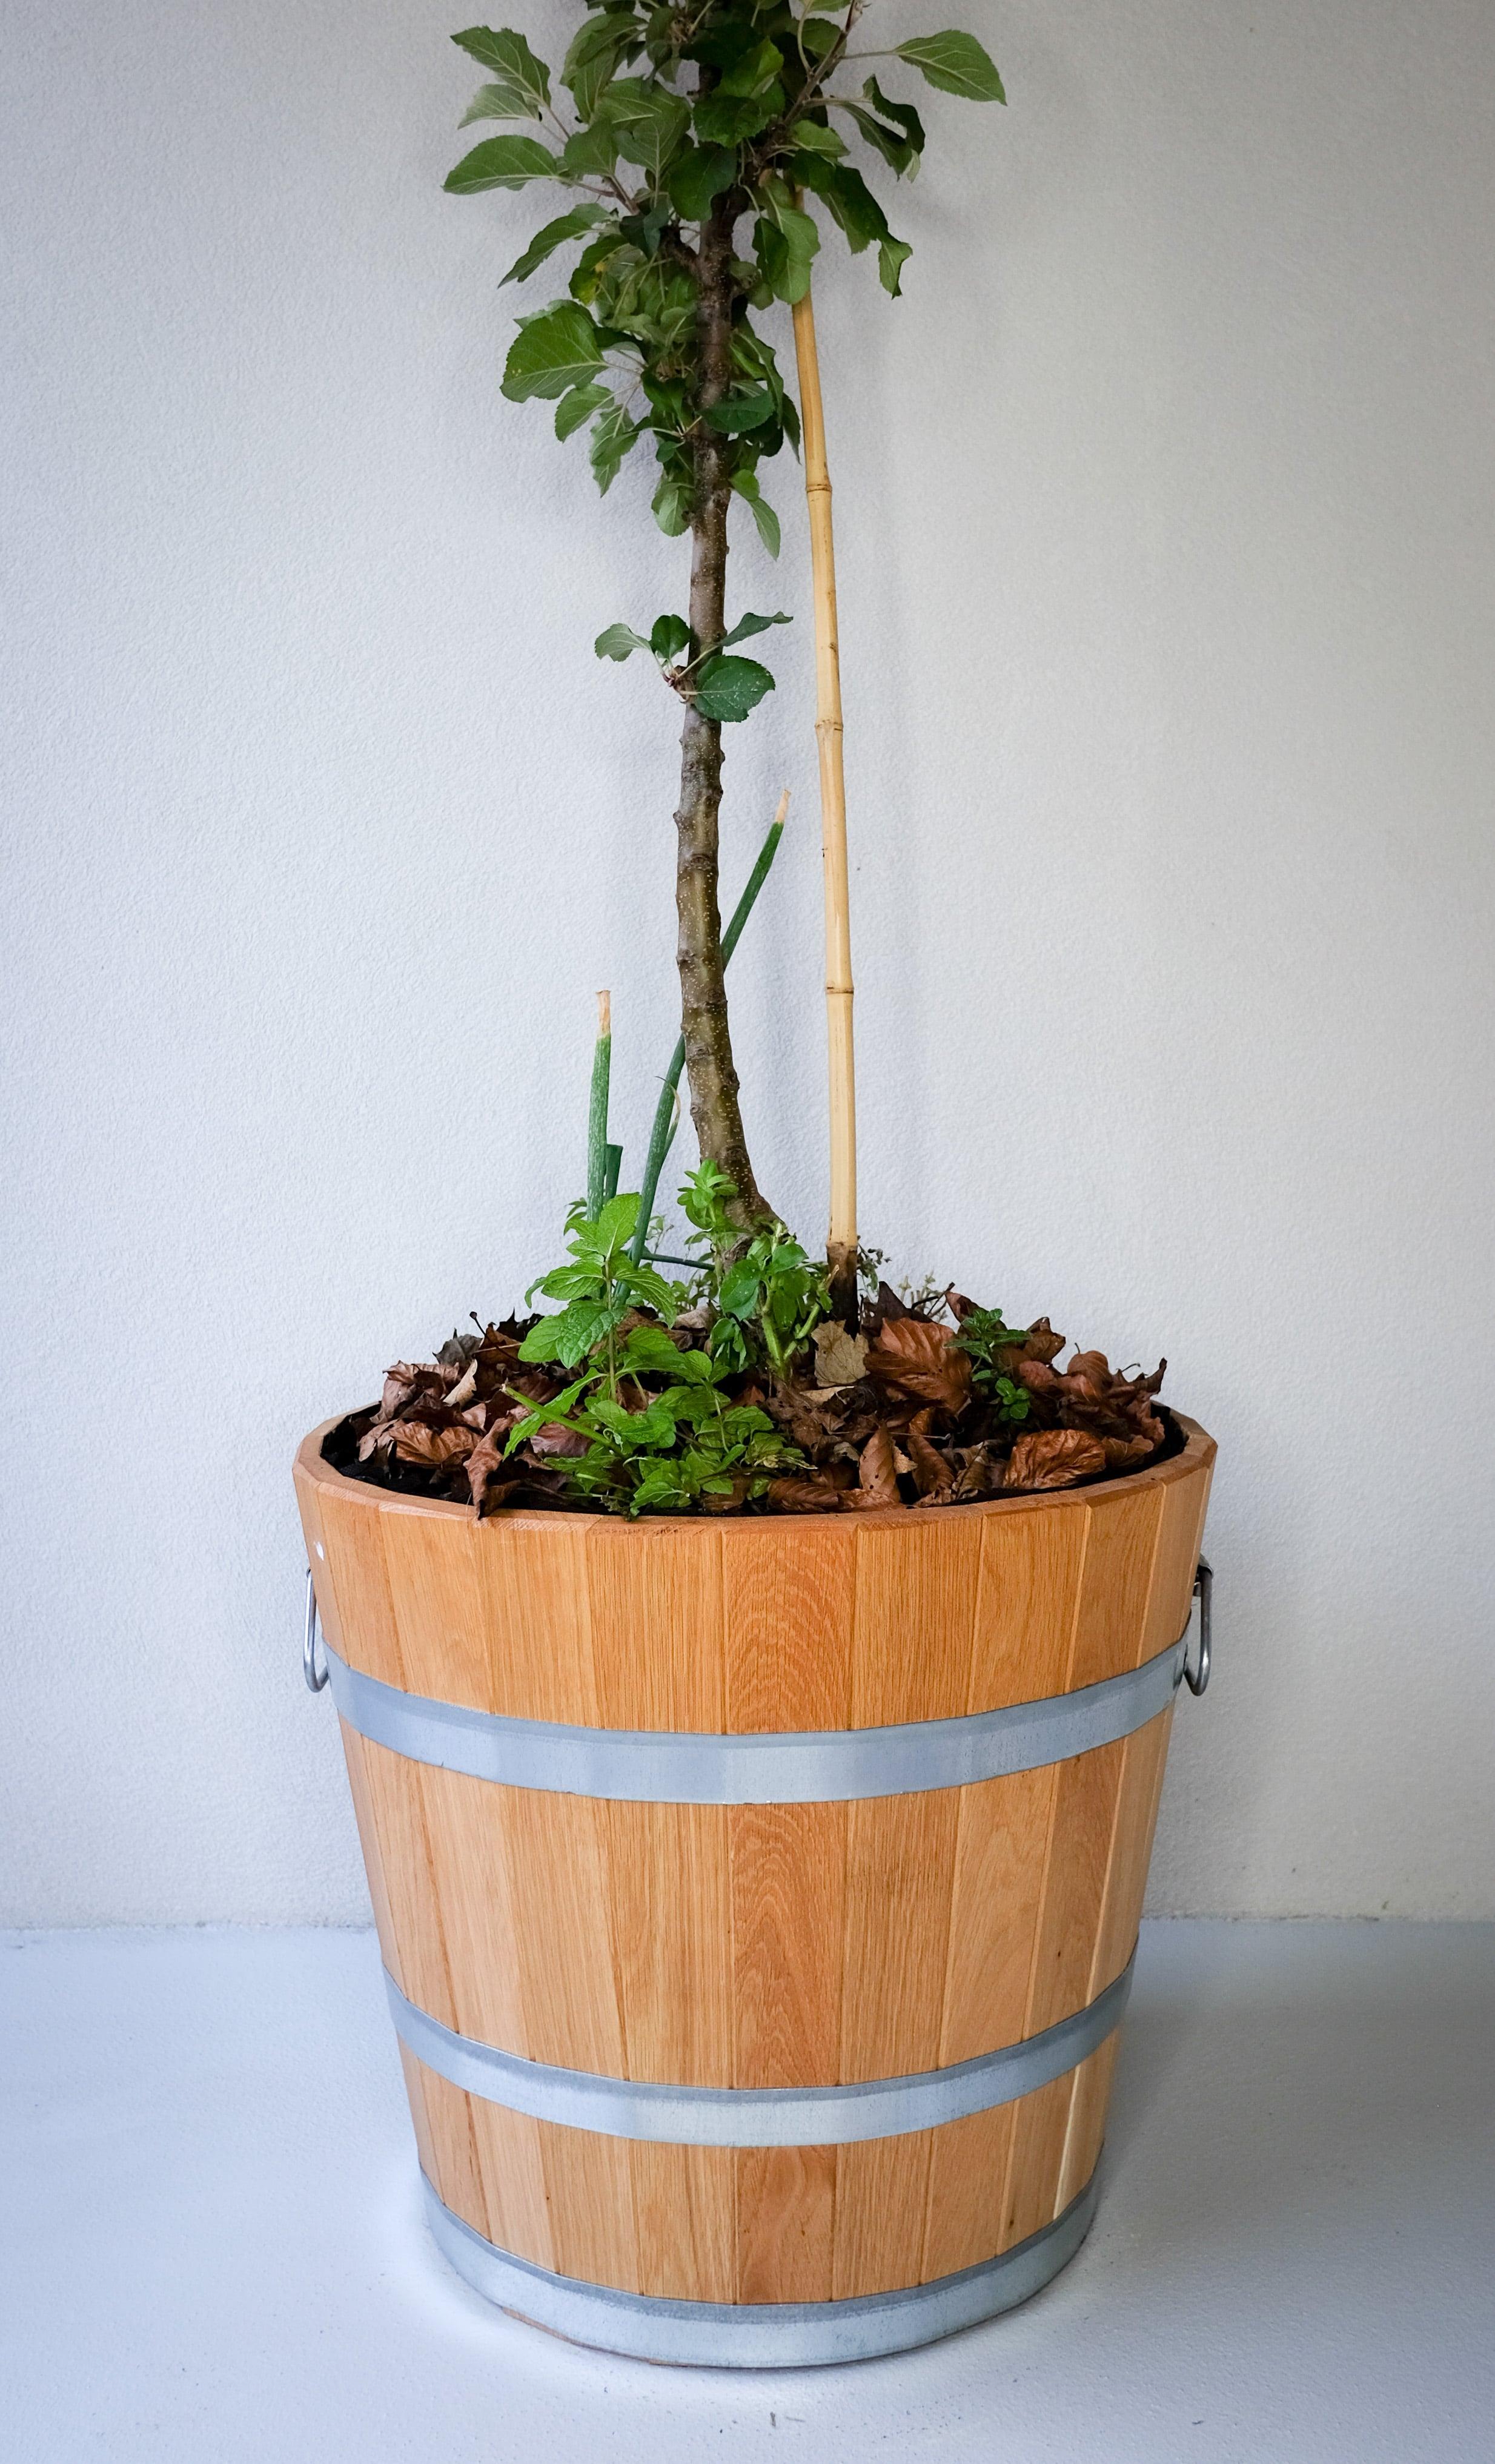 apfelbaum im fass dein kleiner obstgarten auf kleiner fl che. Black Bedroom Furniture Sets. Home Design Ideas